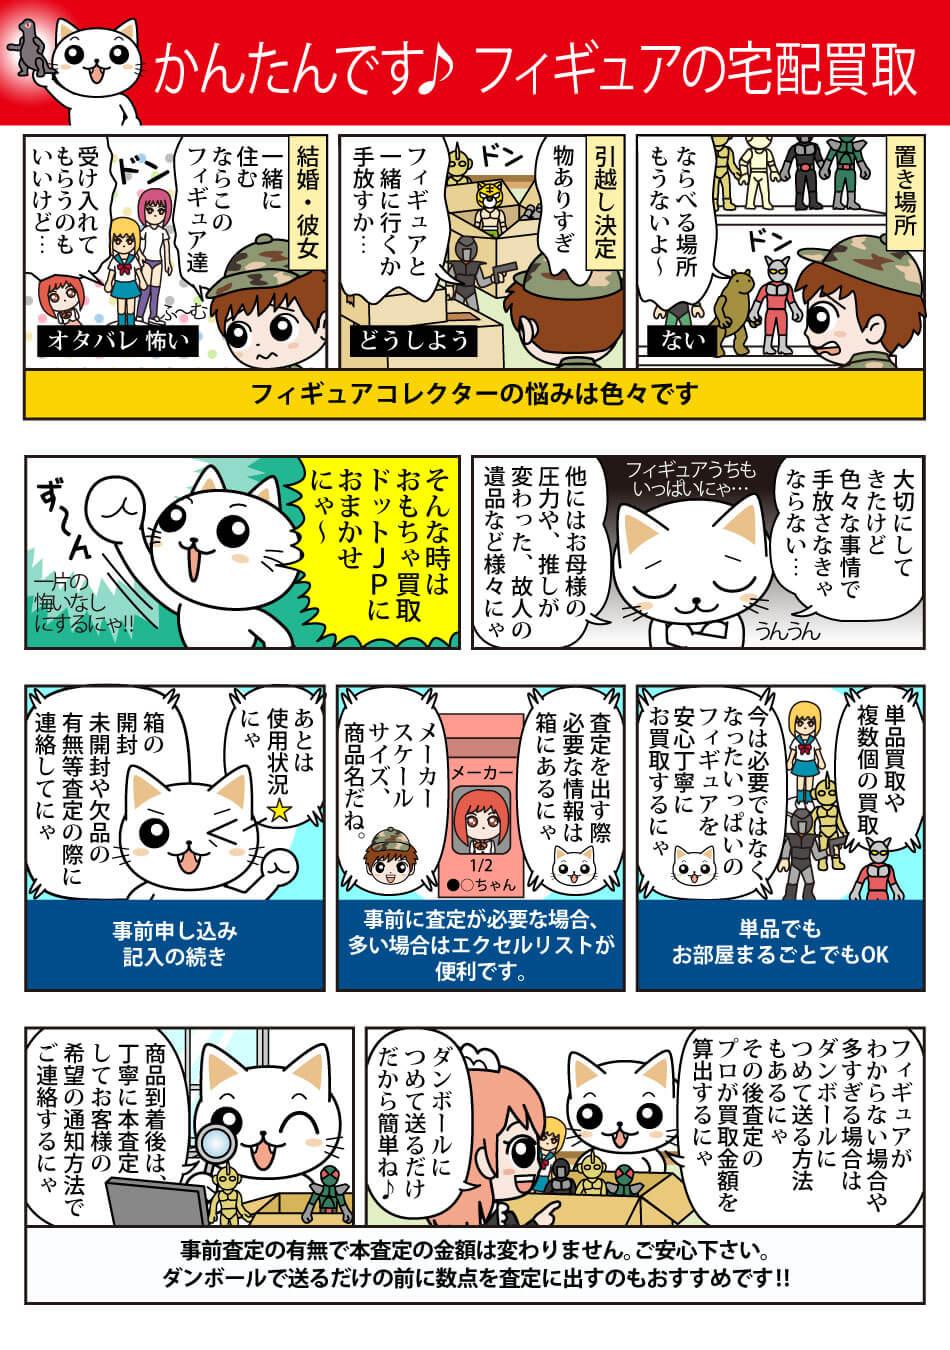 フィギュア買取の流れ@おもちゃ買取ドットJP漫画版